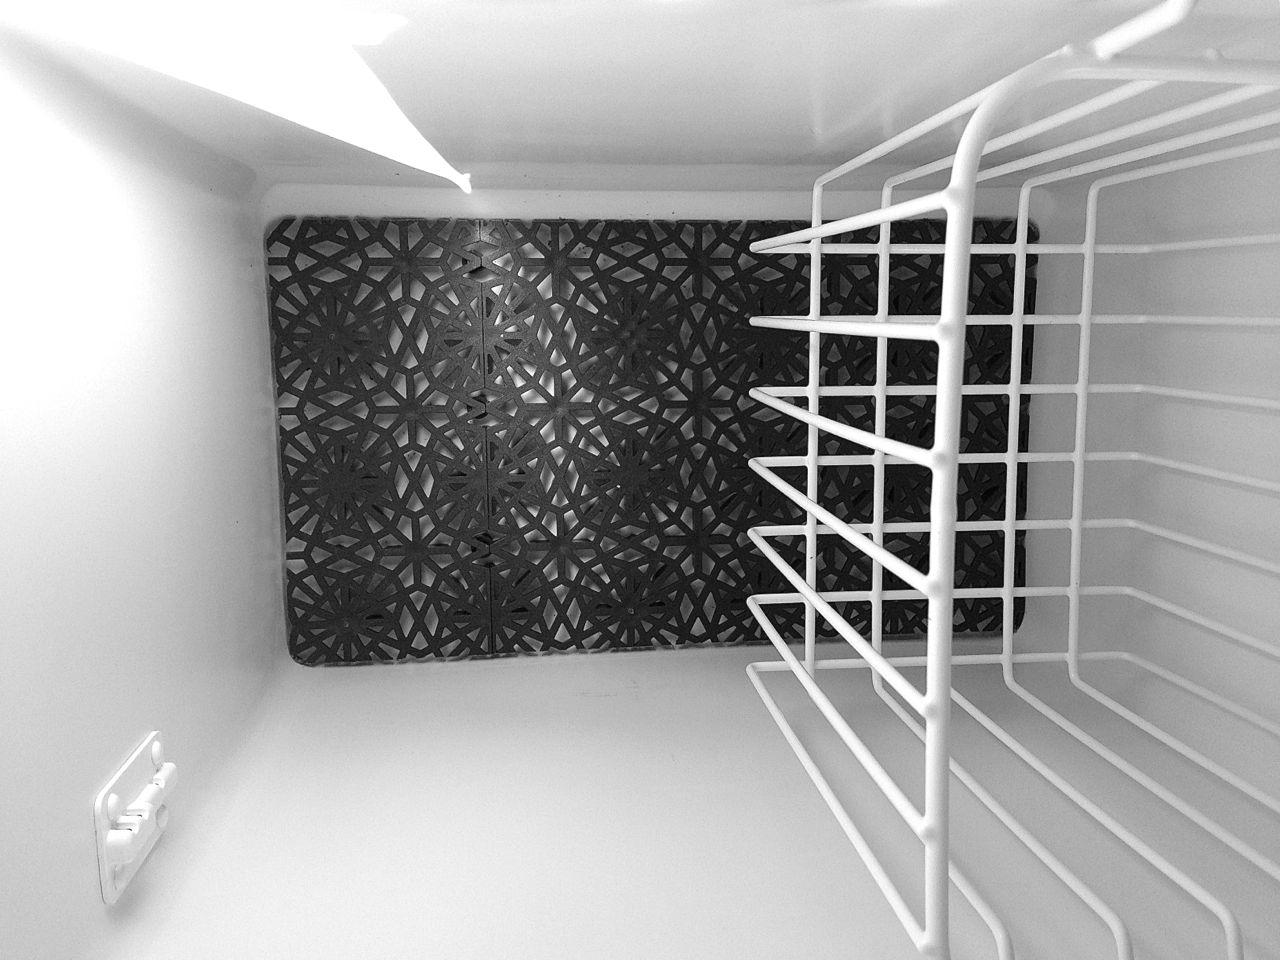 Kühlschrank Einlagen Matten : Kühlschrank im alltag seite vw california elektrik